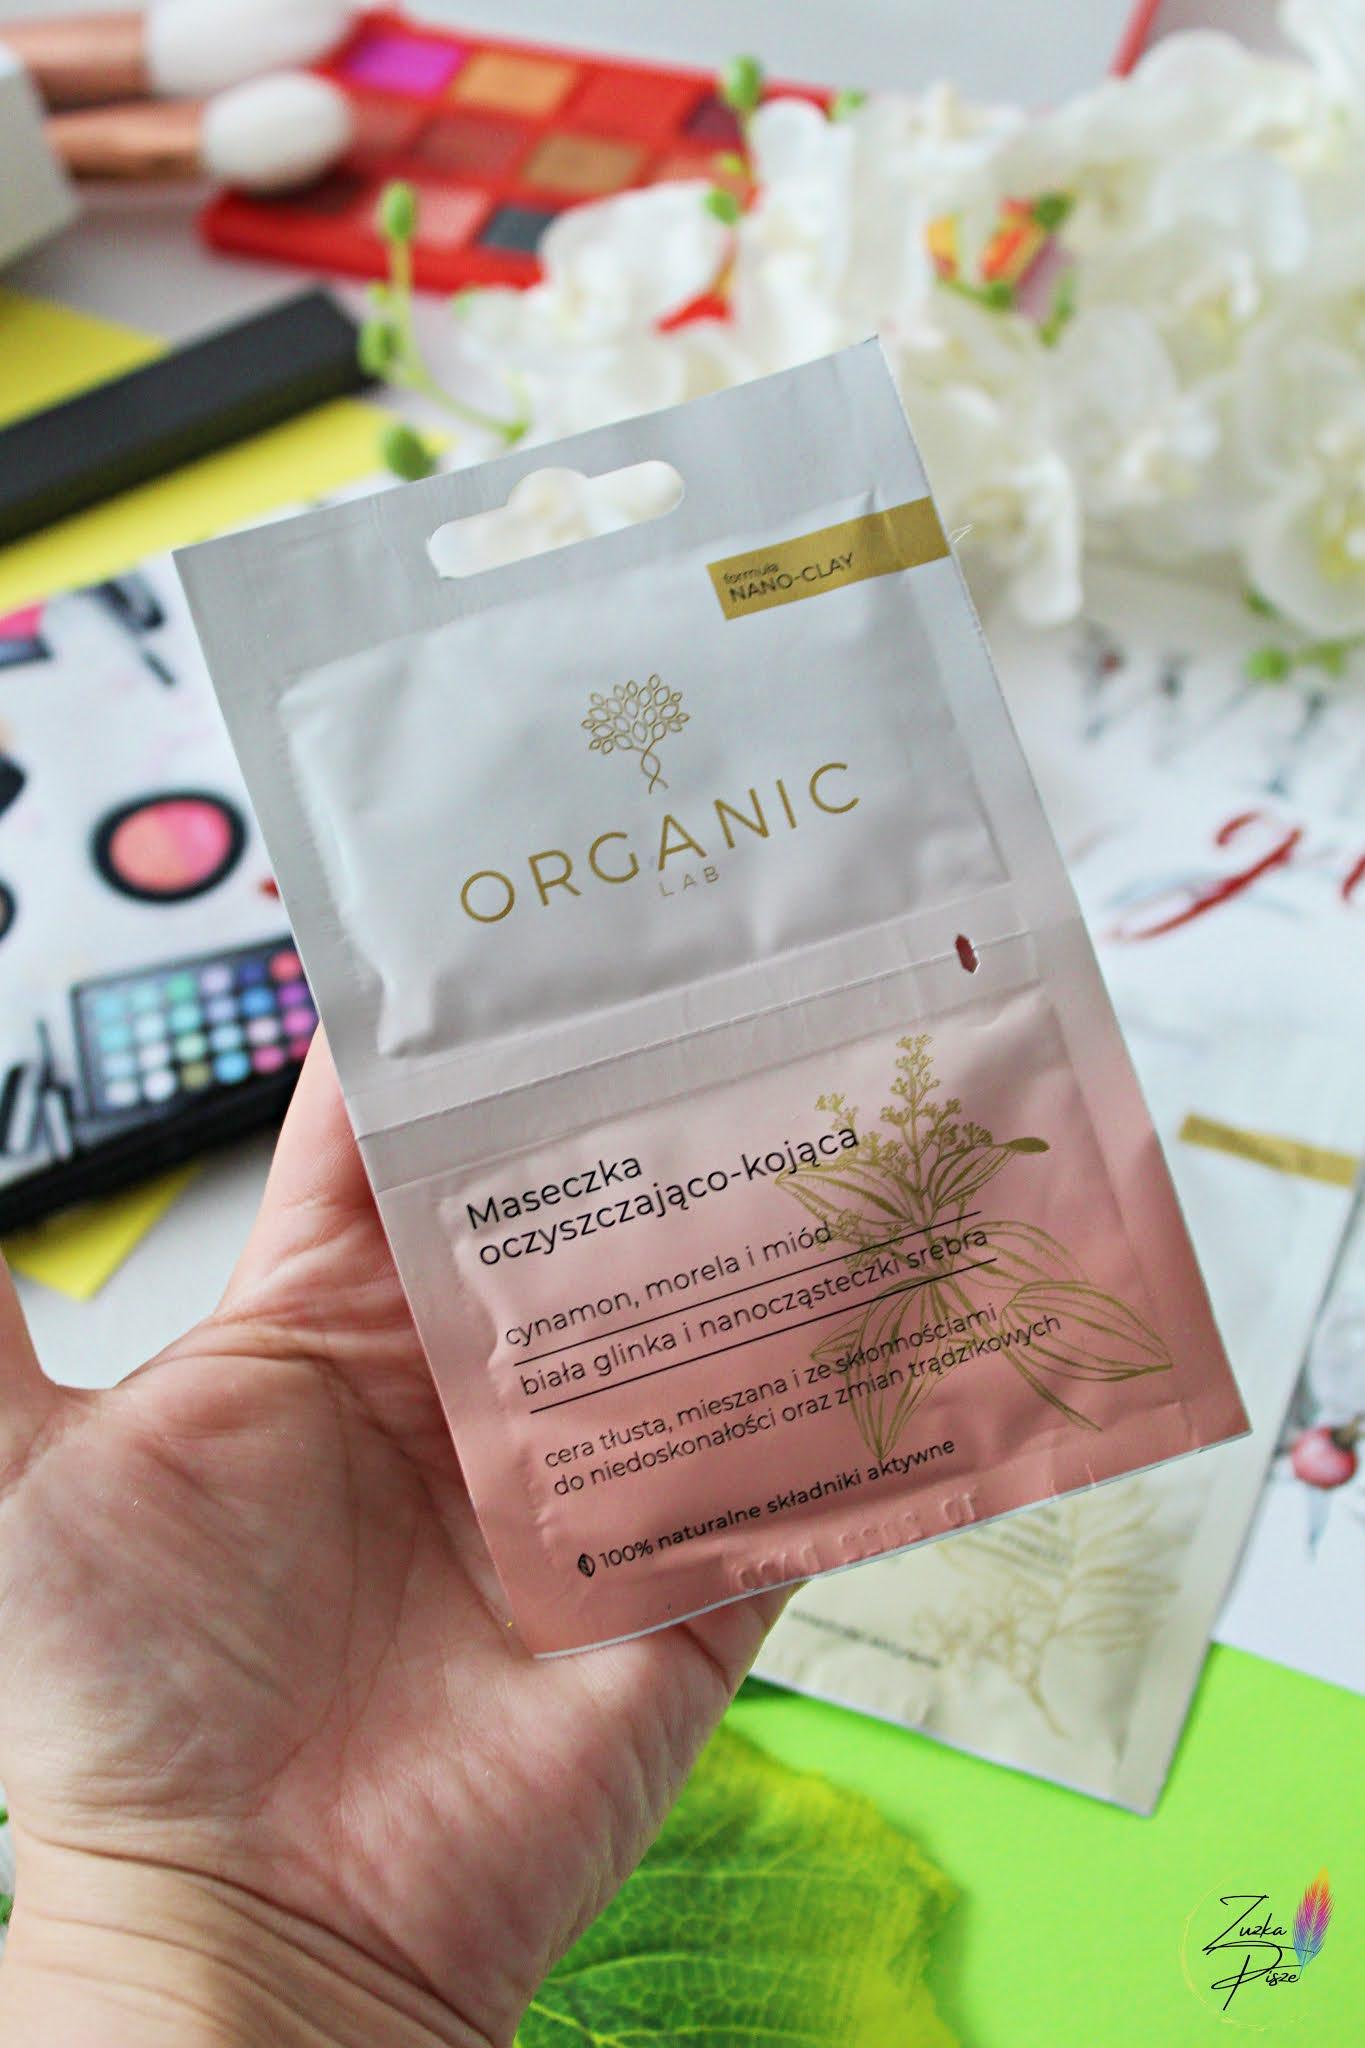 Organic Lab Maseczka Oczyszczjąco-kojąca